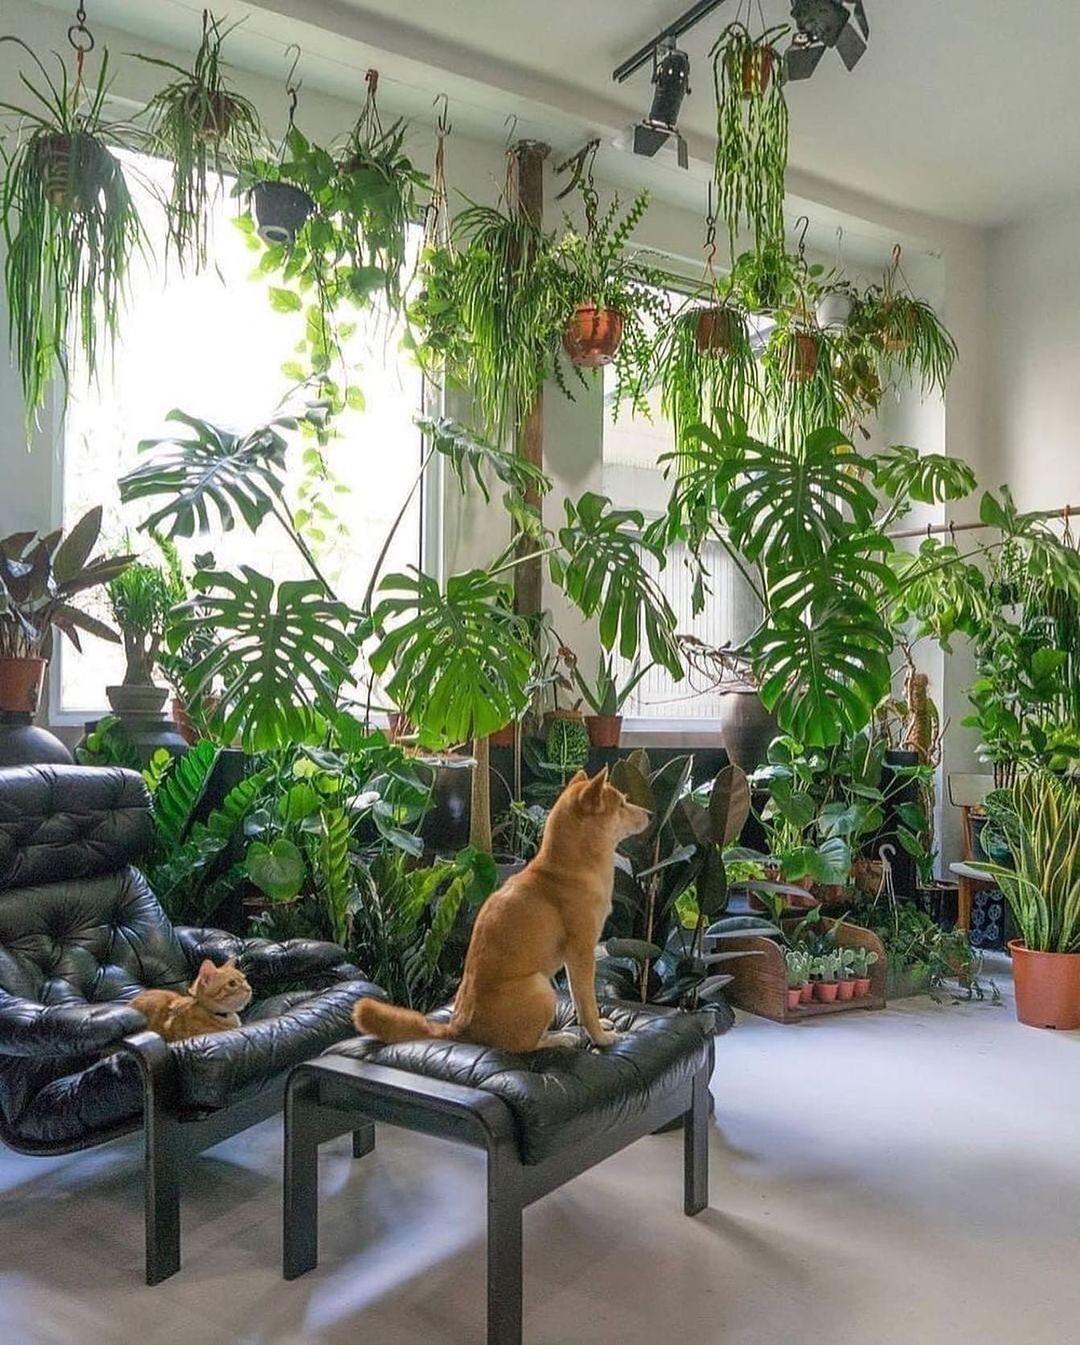 gato observando las plantas